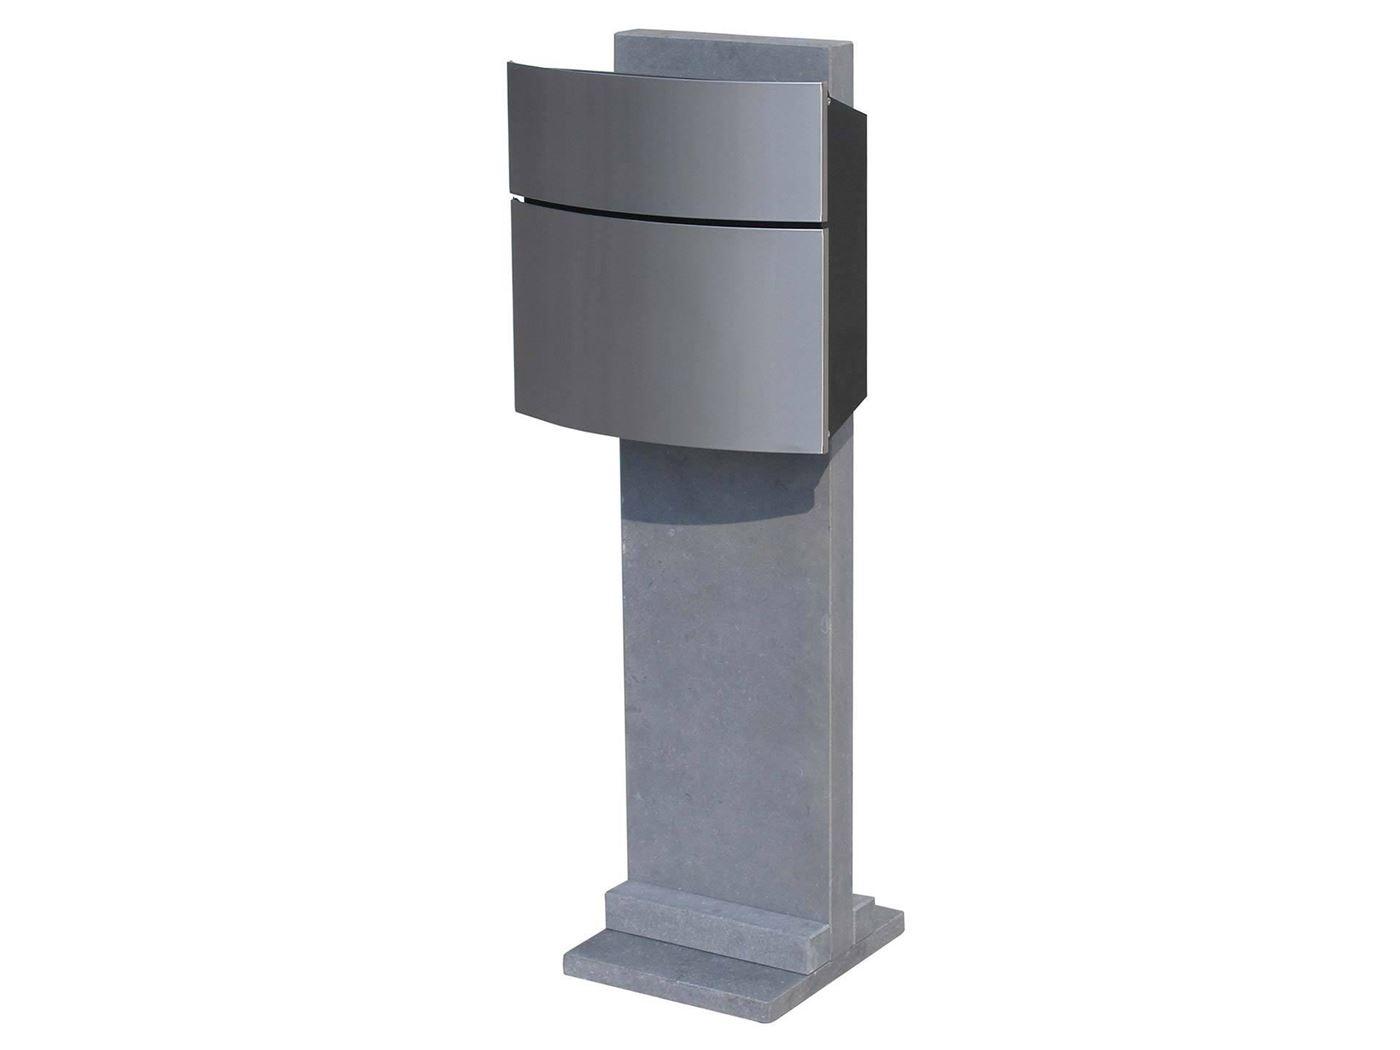 brievenbus halmstad stainless steel